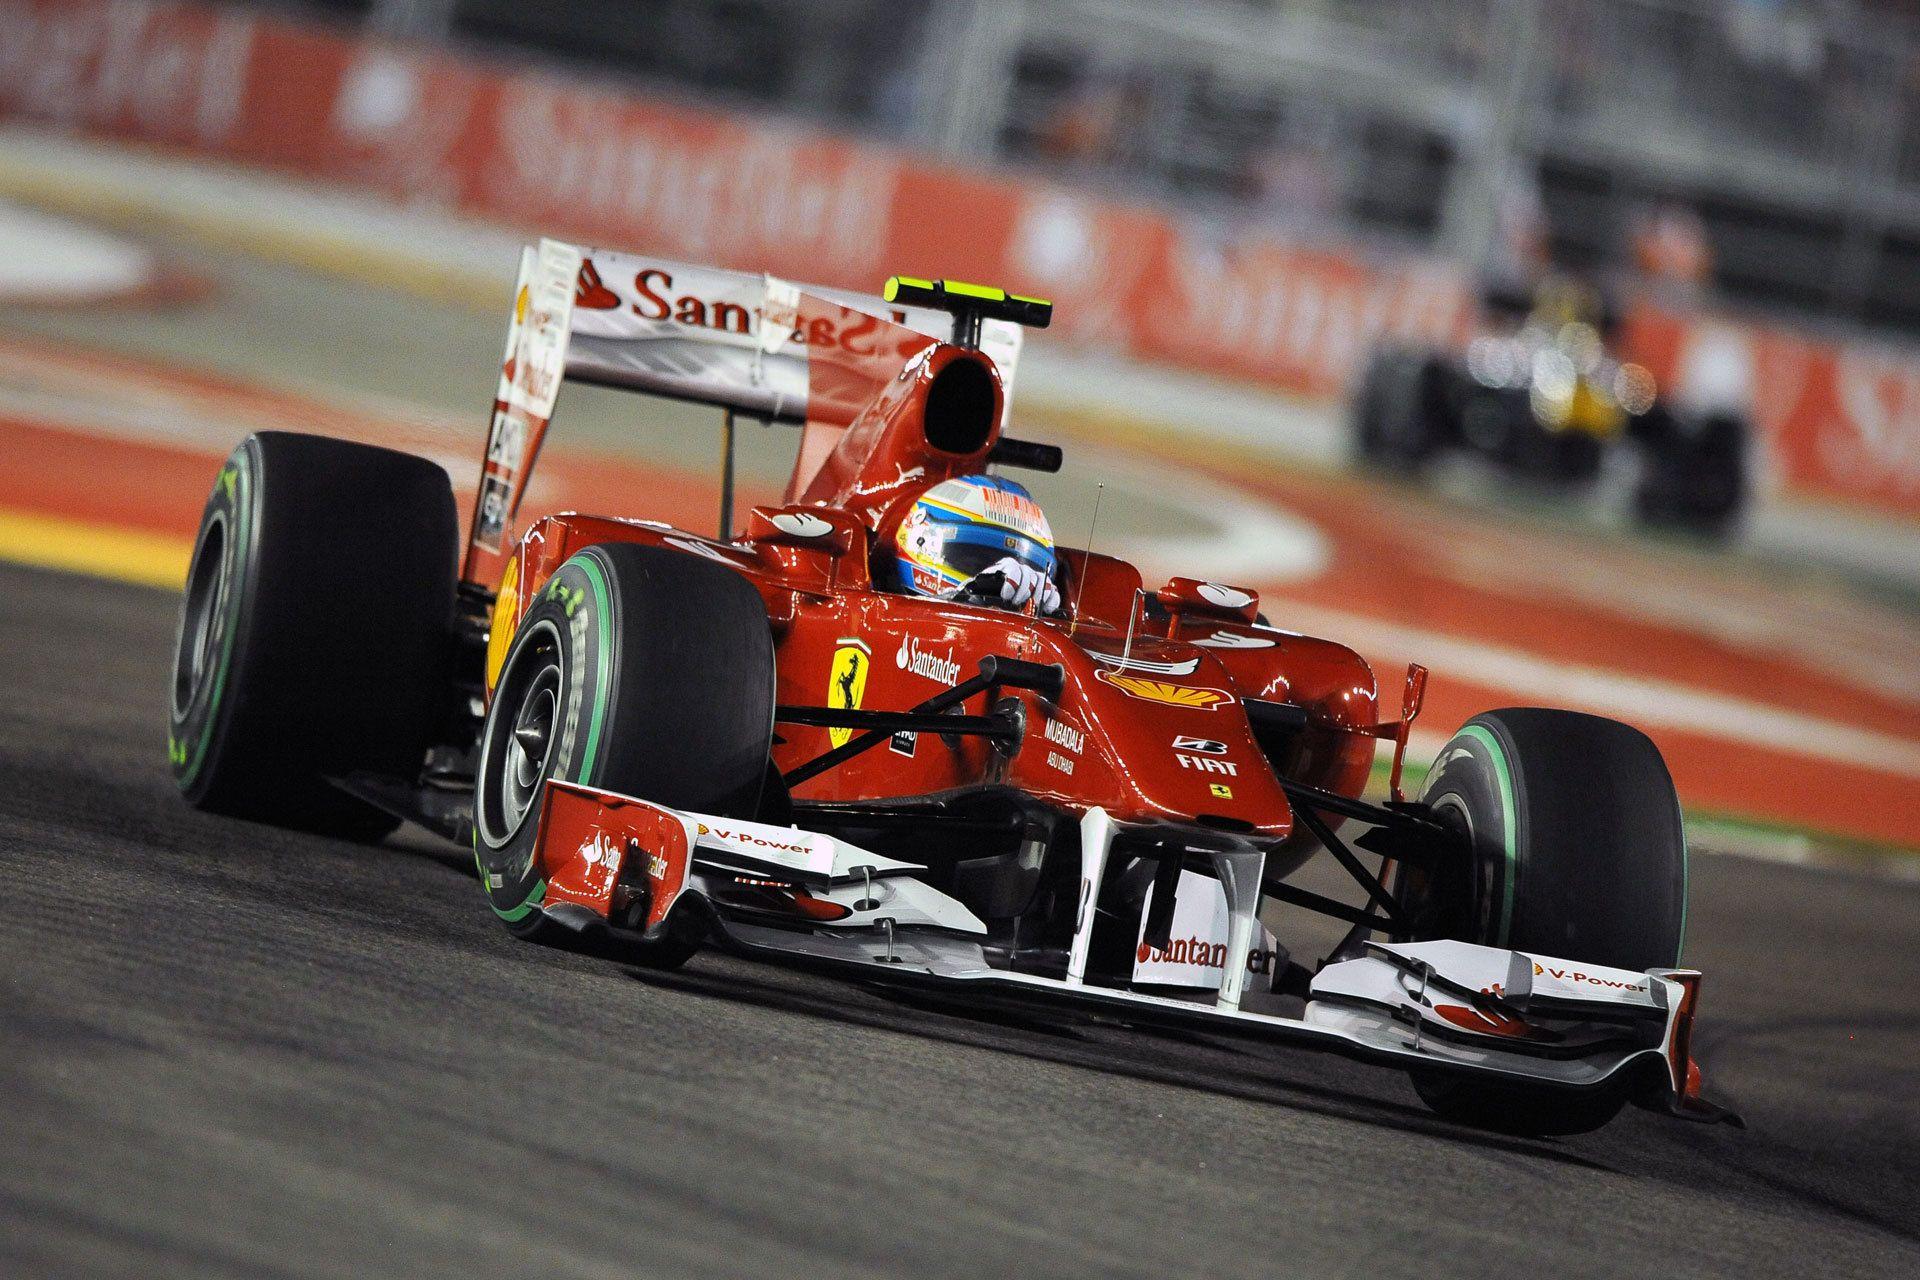 Vettel Ferrari Hd Desktop Wallpaper Widescreen High Wallpapers